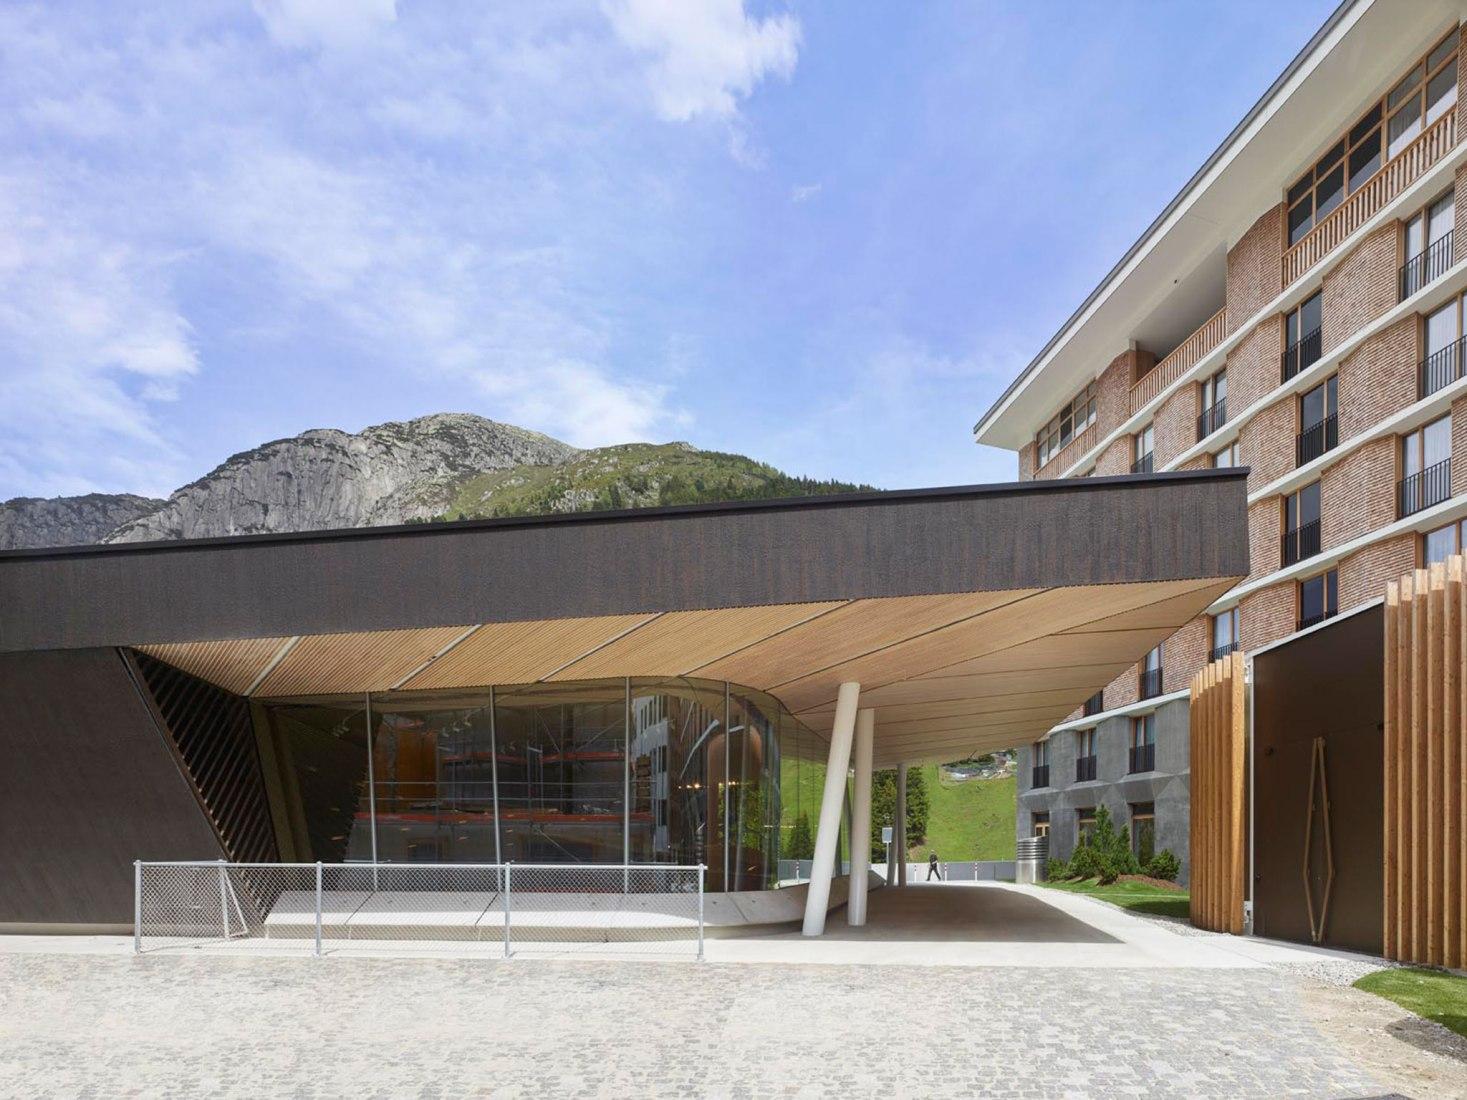 Sala de Conciertos de Andermatt por Studio Seilern Architects. Fotografía por Roland Halbe.